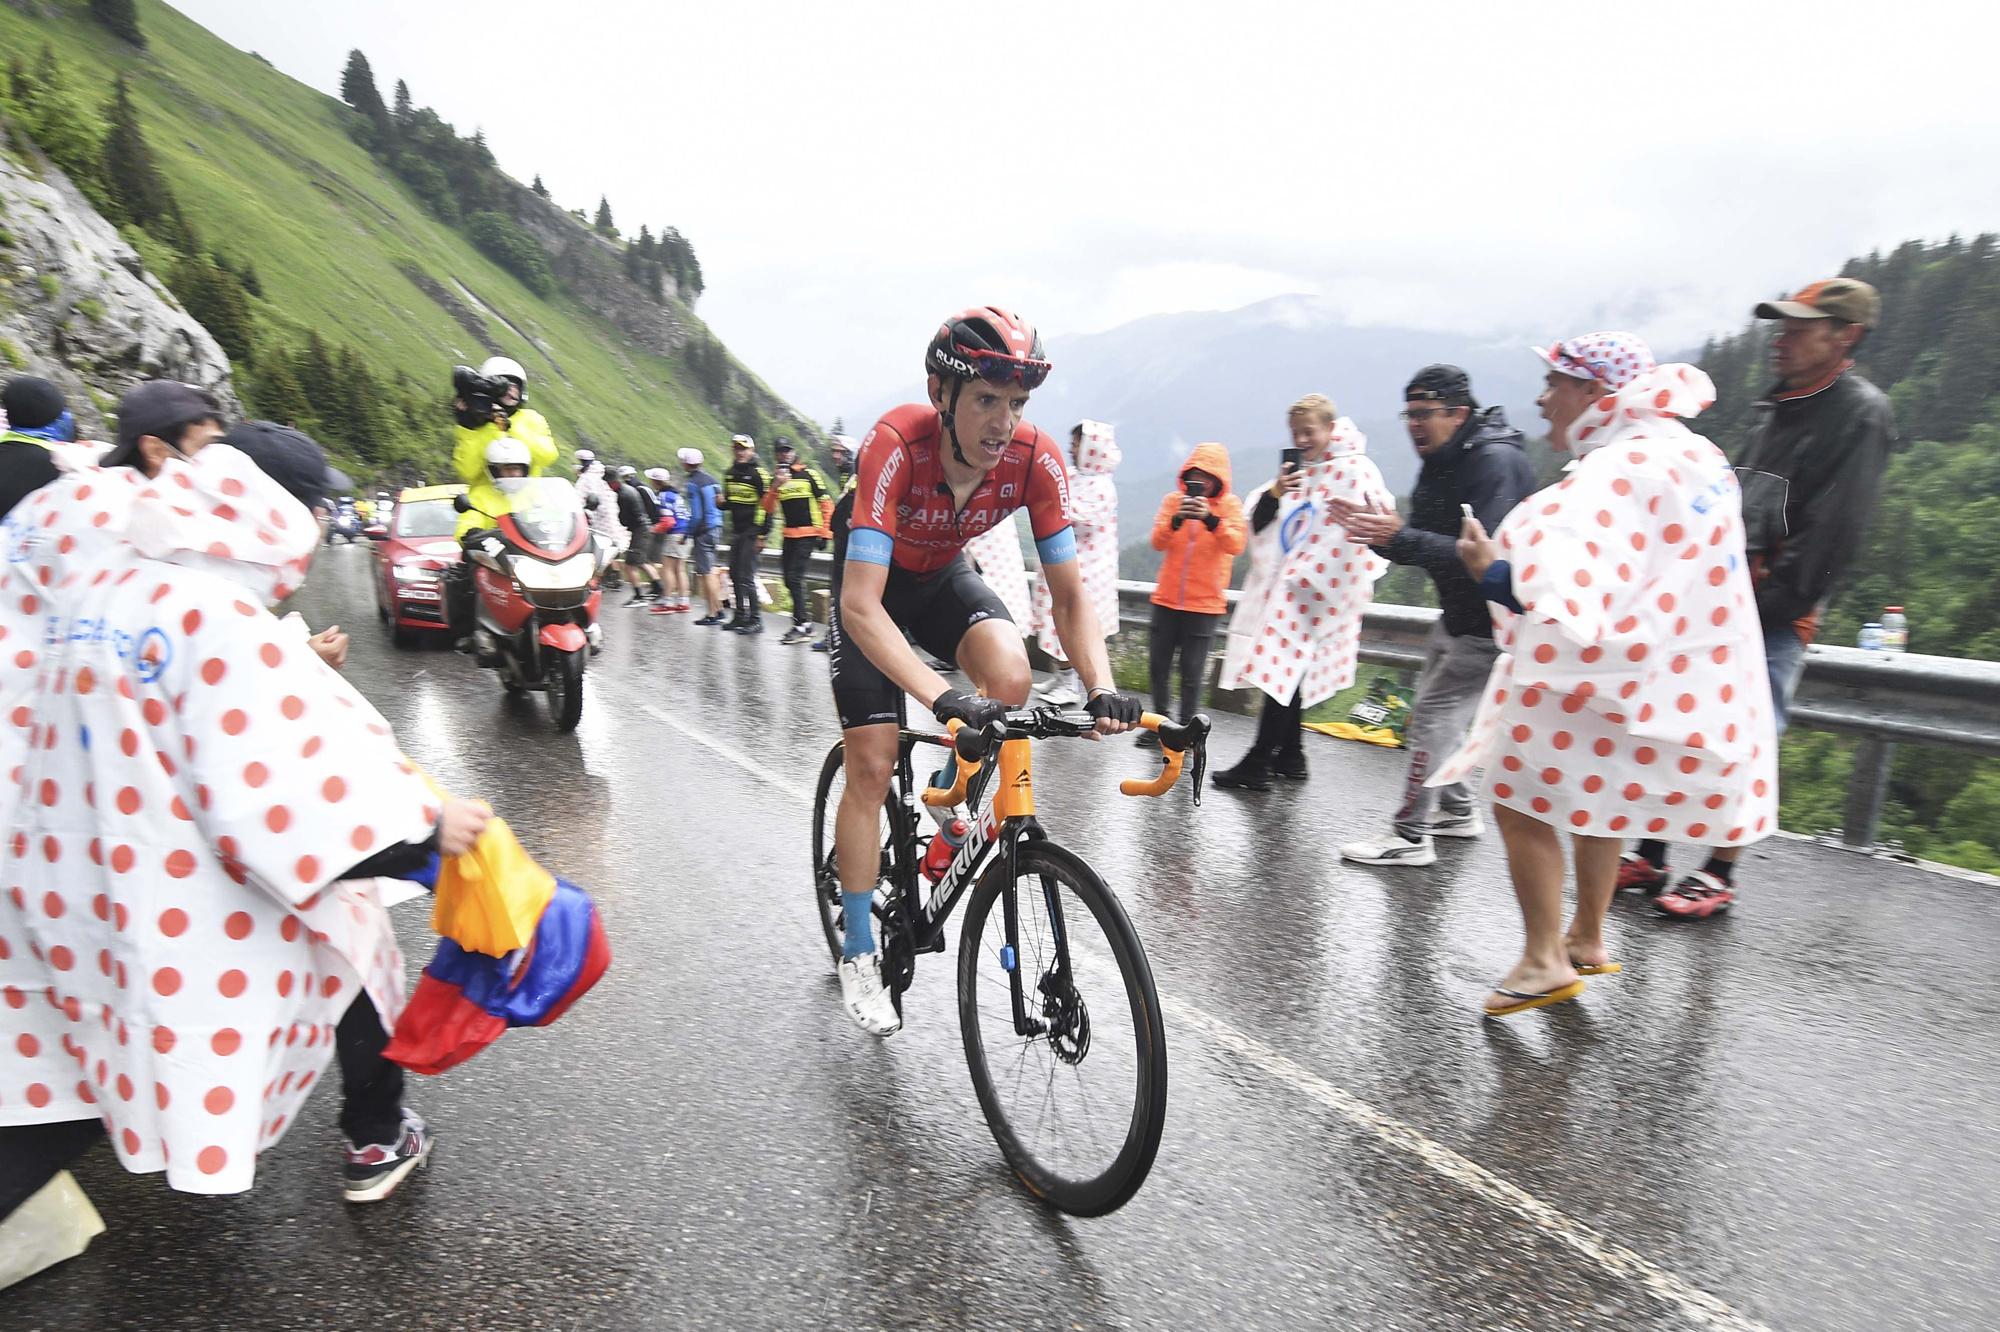 Dylan Teuns wint eerste Alpenrit in de Tour, Belga Image